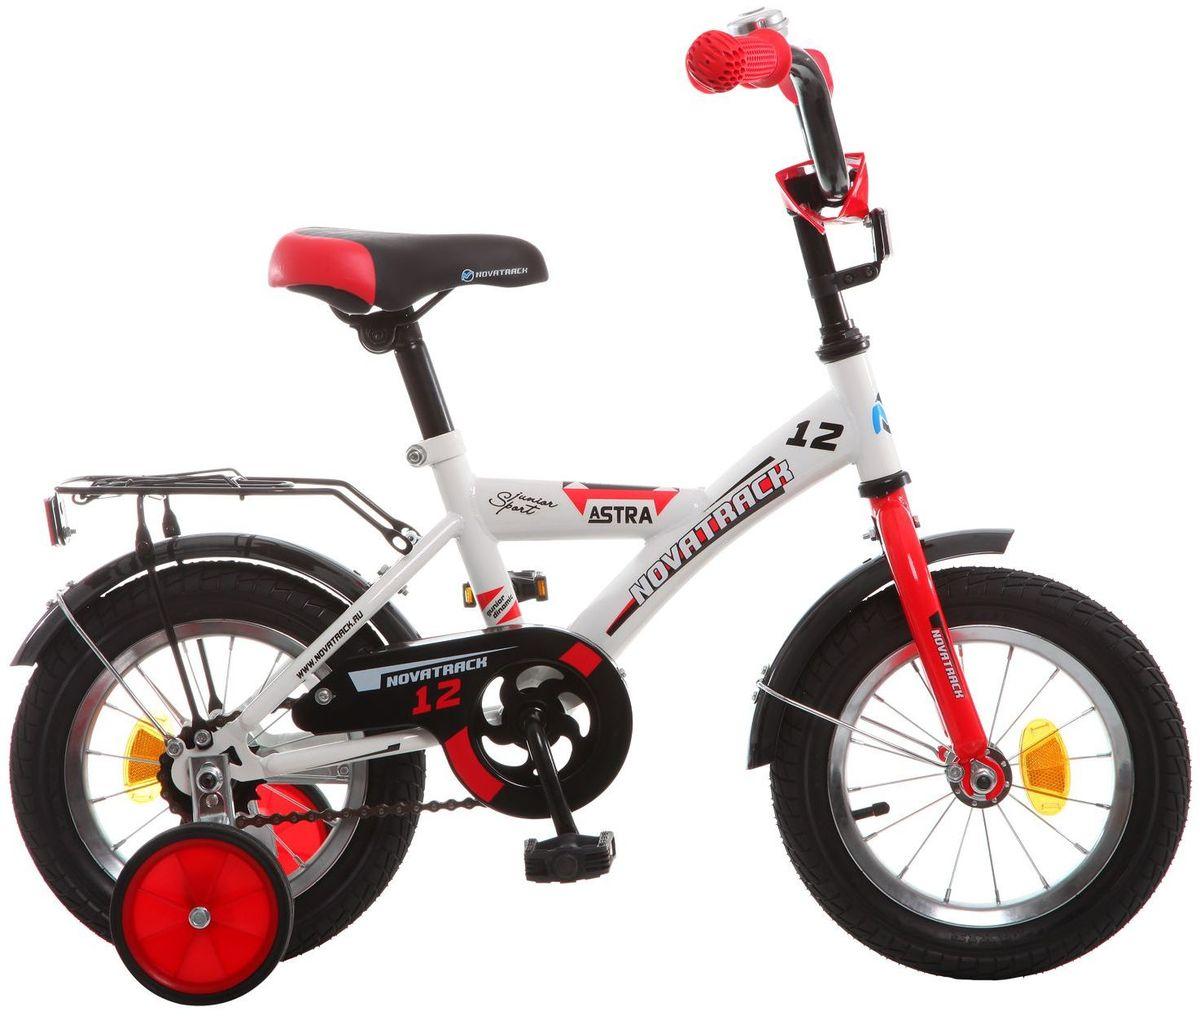 Велосипед детский Novatrack Astra, цвет: белый, 12123ASTRA.WT5Хотите, чтобы ваш ребенок играя укреплял здоровье? Тогда ему нужен удобный и надежный велосипед Novatrack Astra 12'', рассчитанный на малышей 2-4 лет. Одного взгляда малыша хватит, чтобы раз и навсегда влюбиться в свой новенький двухколесный транспорт, который в принципе, сначала можно назвать и четырехколесным. Дополнительную устойчивость железному «коню» обеспечивают два маленьких съемных колеса в цвет велосипеда. Велосипед собран на базе рамы с универсальной геометрией, которая позволяет легко взобраться или слезть с велосипеда, при этом велосипед имеет такой вес, что маленький ребенок сам легко справляется со своим транспортным средством. Так как велосипед предназначен для самых маленьких, предусмотрен ограничитель поворота руля, который не позволит сильно завернуть руль и упасть. Еще один элемент безопасности – это защита цепи, которая оберегает одежду и ноги малыша от попадания в механизм. Стильные крылья защитят от грязи и брызг, а на багажнике ребенок сможет перевозить массу...